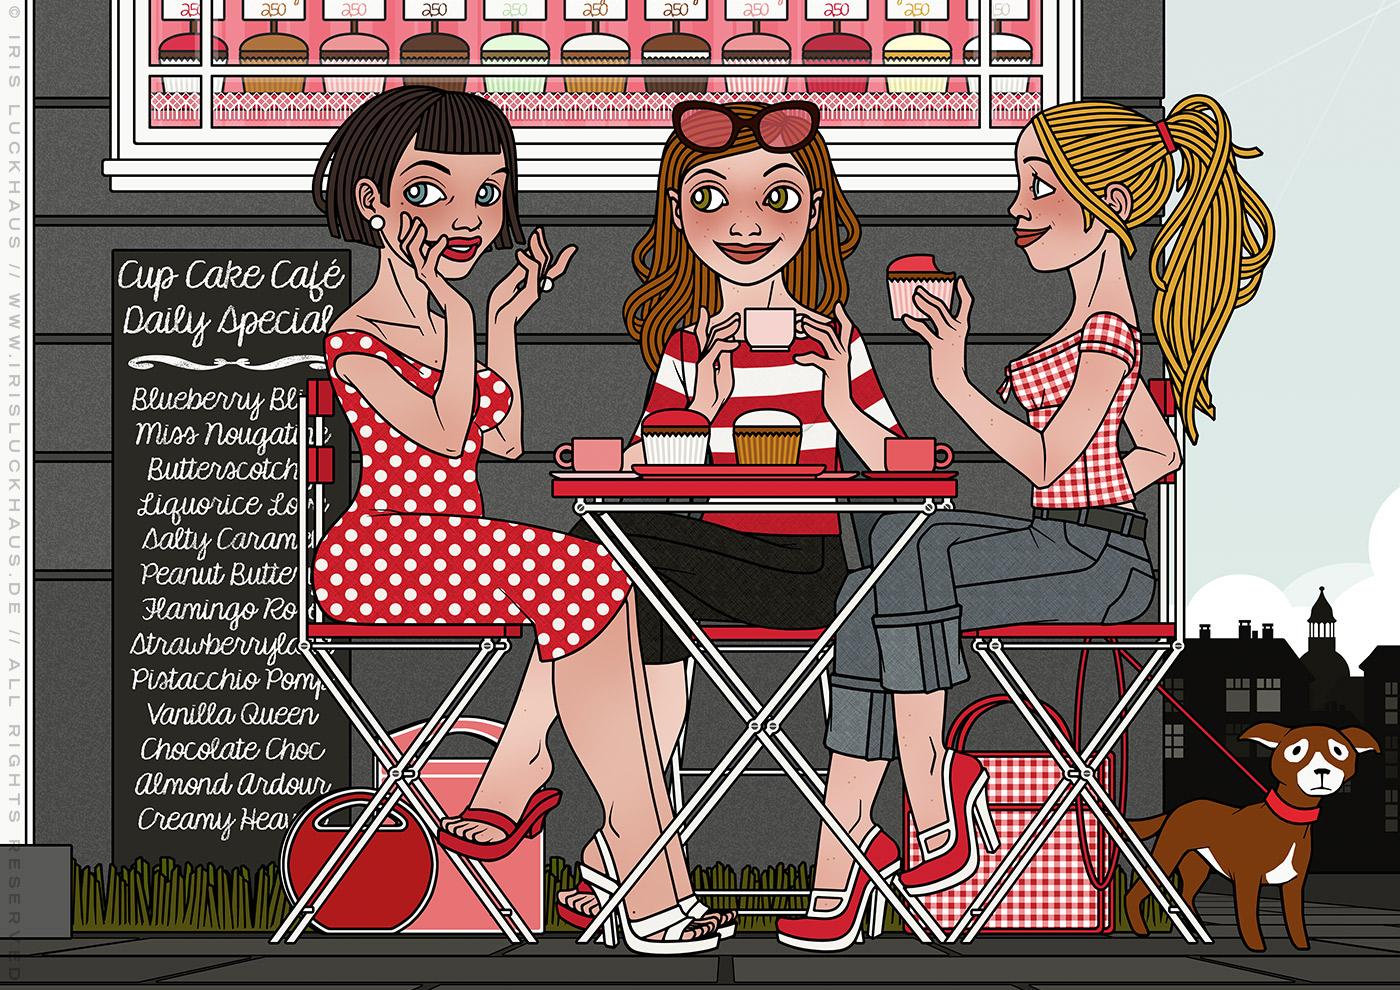 Ausschnitt aus der Illustration von drei Freundinnen im Café, die Cupcakes essen, Kaffee trinken und fröhlich Gossip verbreiten, für eine Materialbroschüre der Firma Schock